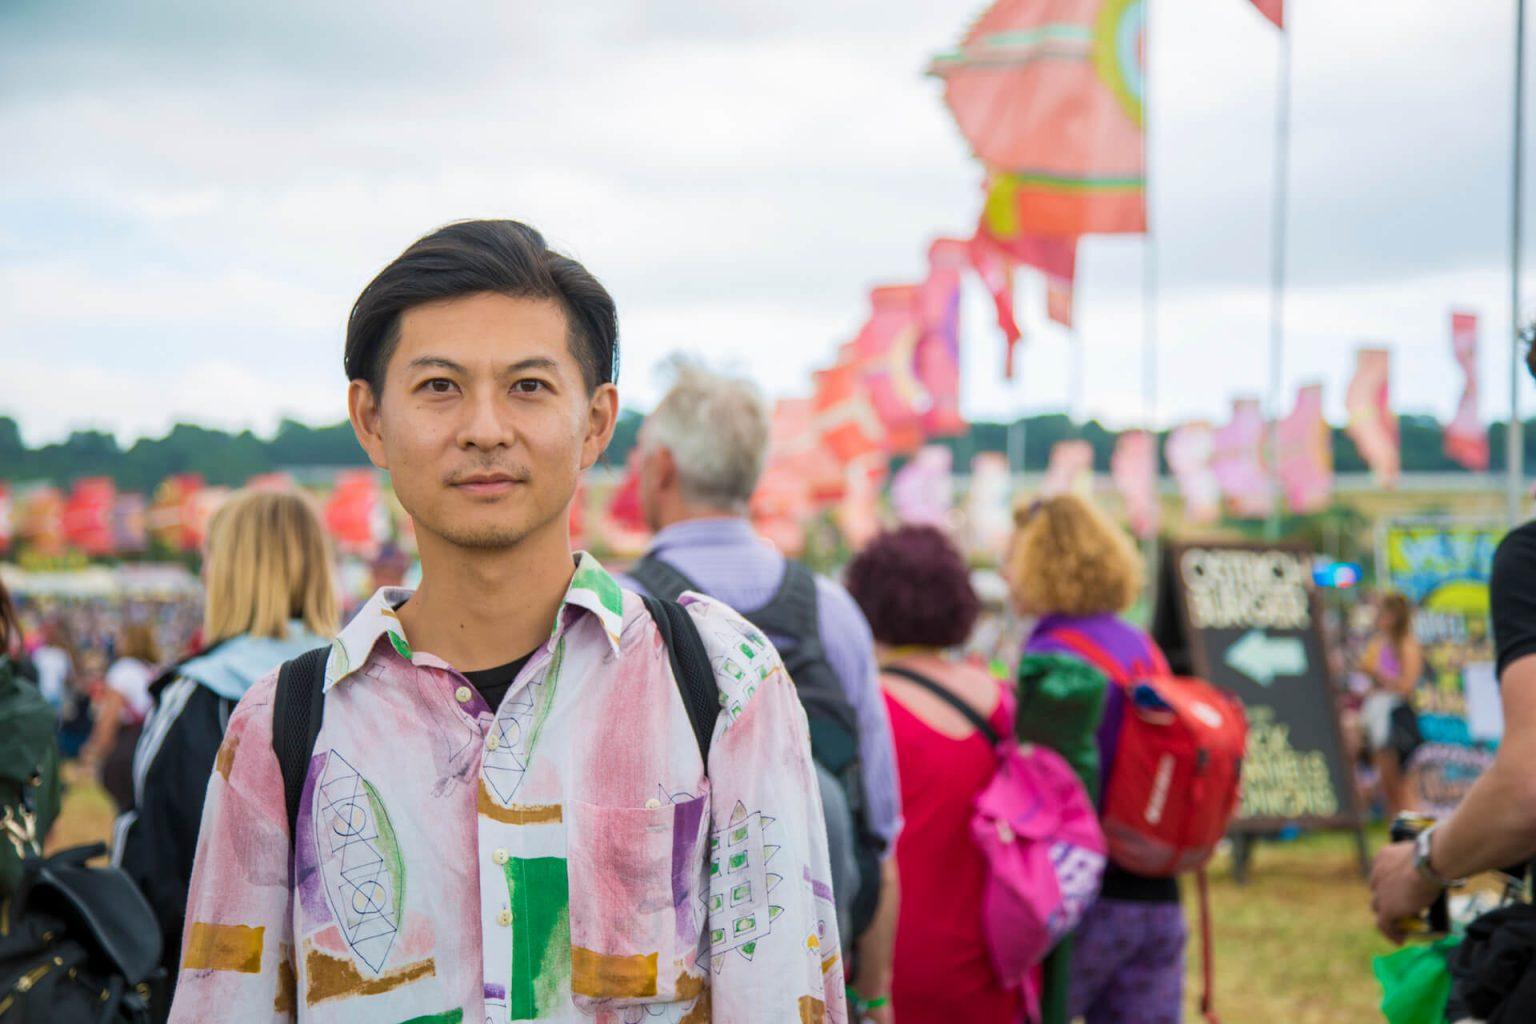 フェスを通して出会う、世界と音楽―津田昌太朗が語るフェスの醍醐味とトレンド予測